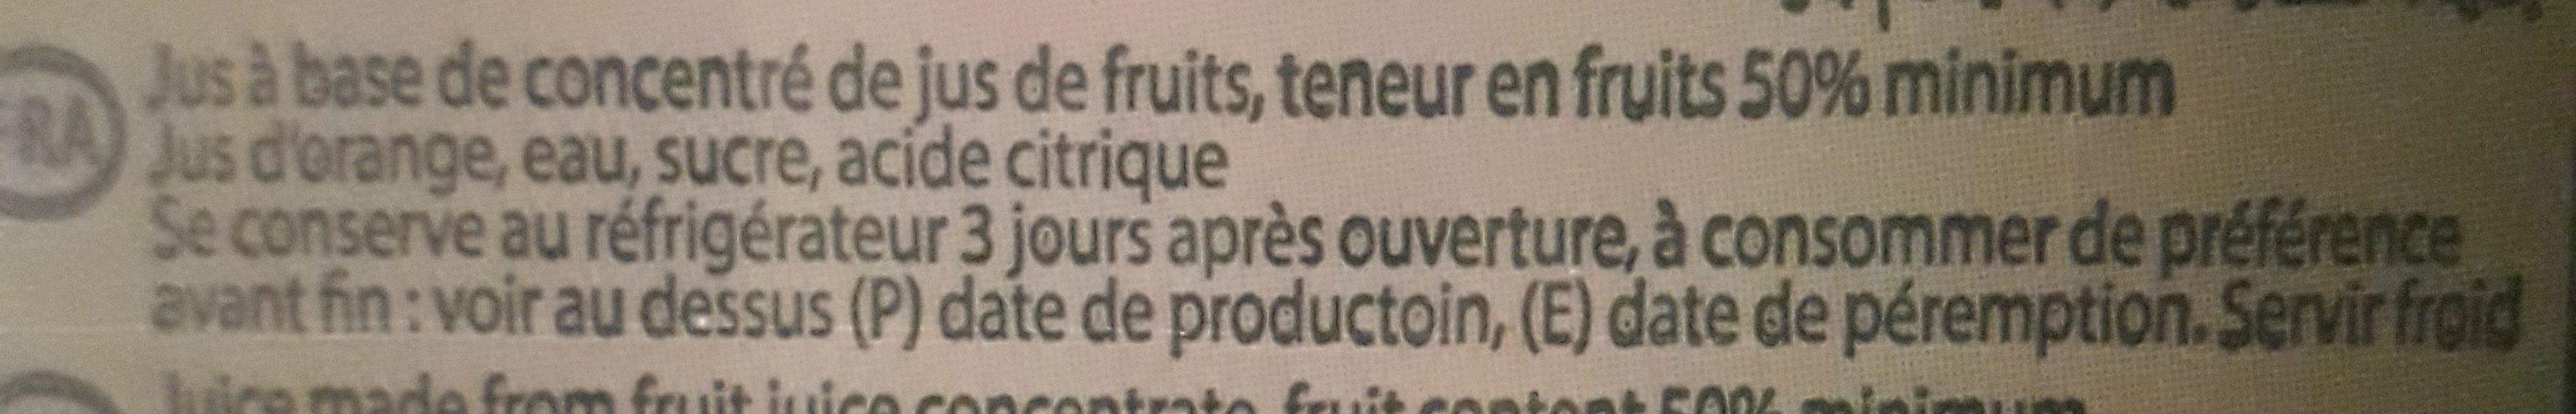 nectar orange - Ingrédients - fr